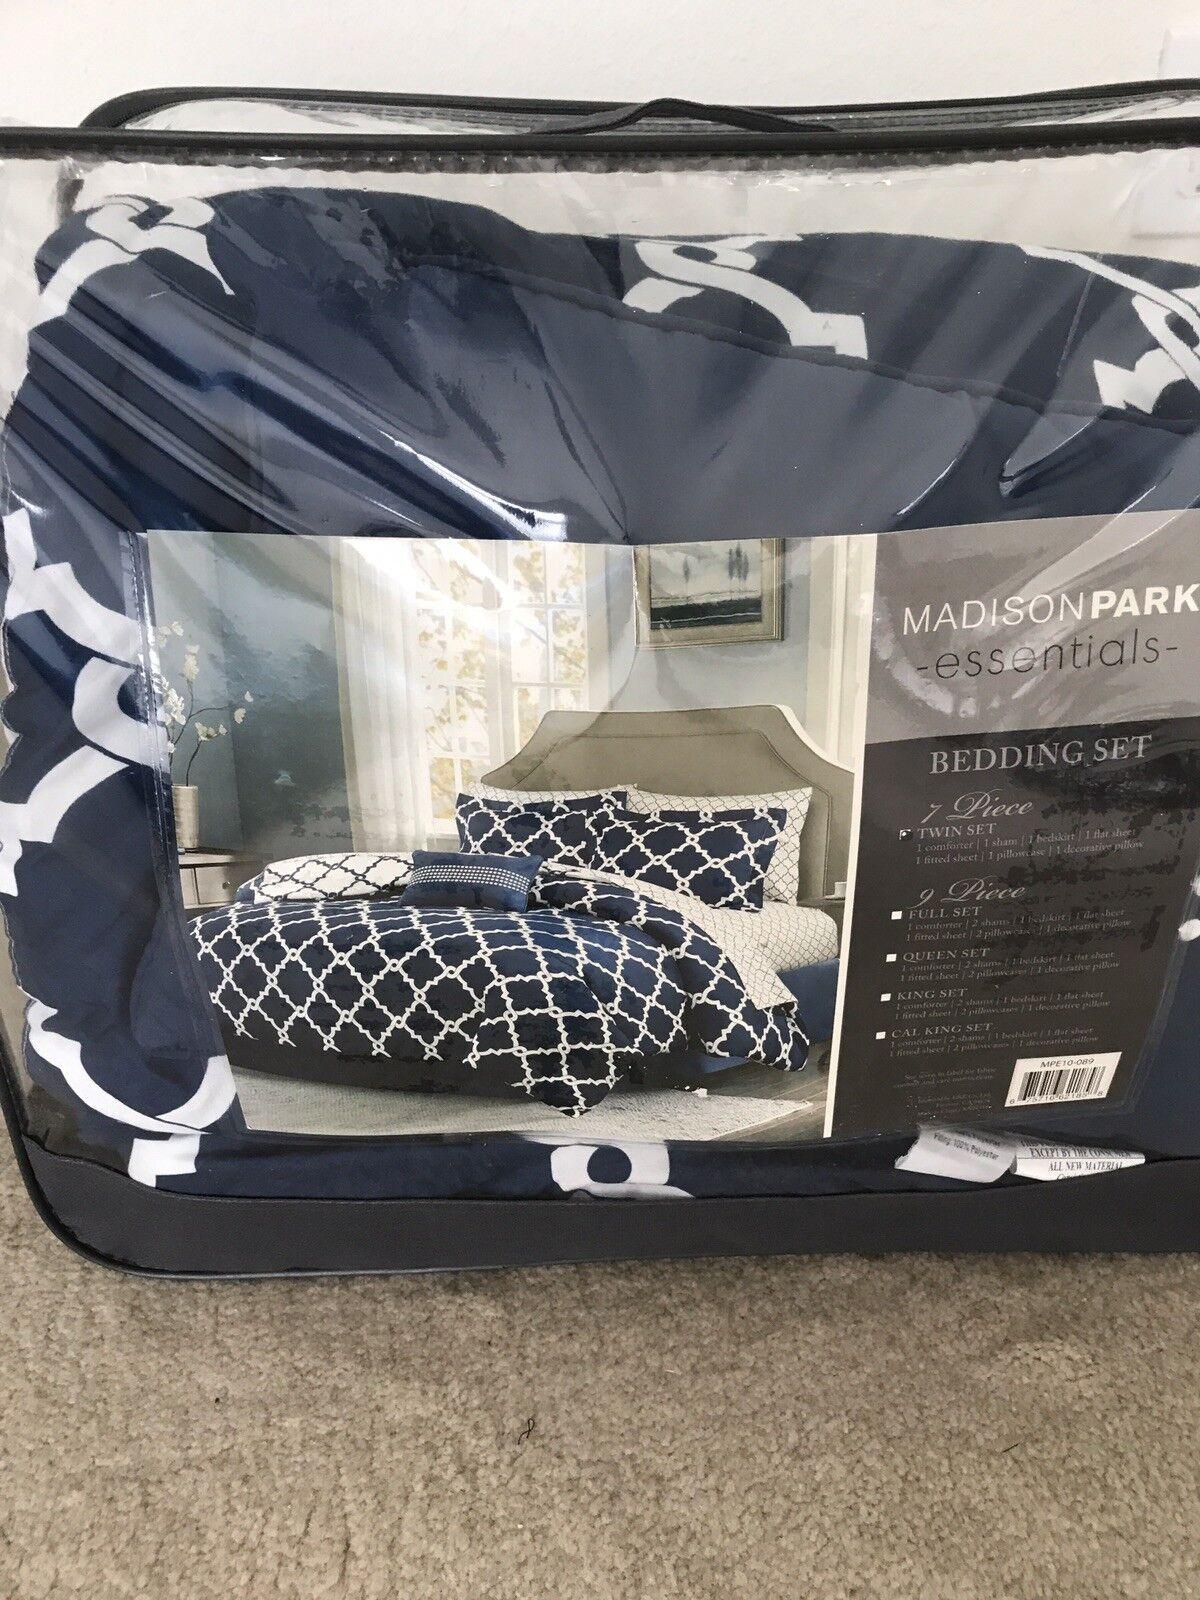 Madison Park Essentials 7 Piece Bedding Set